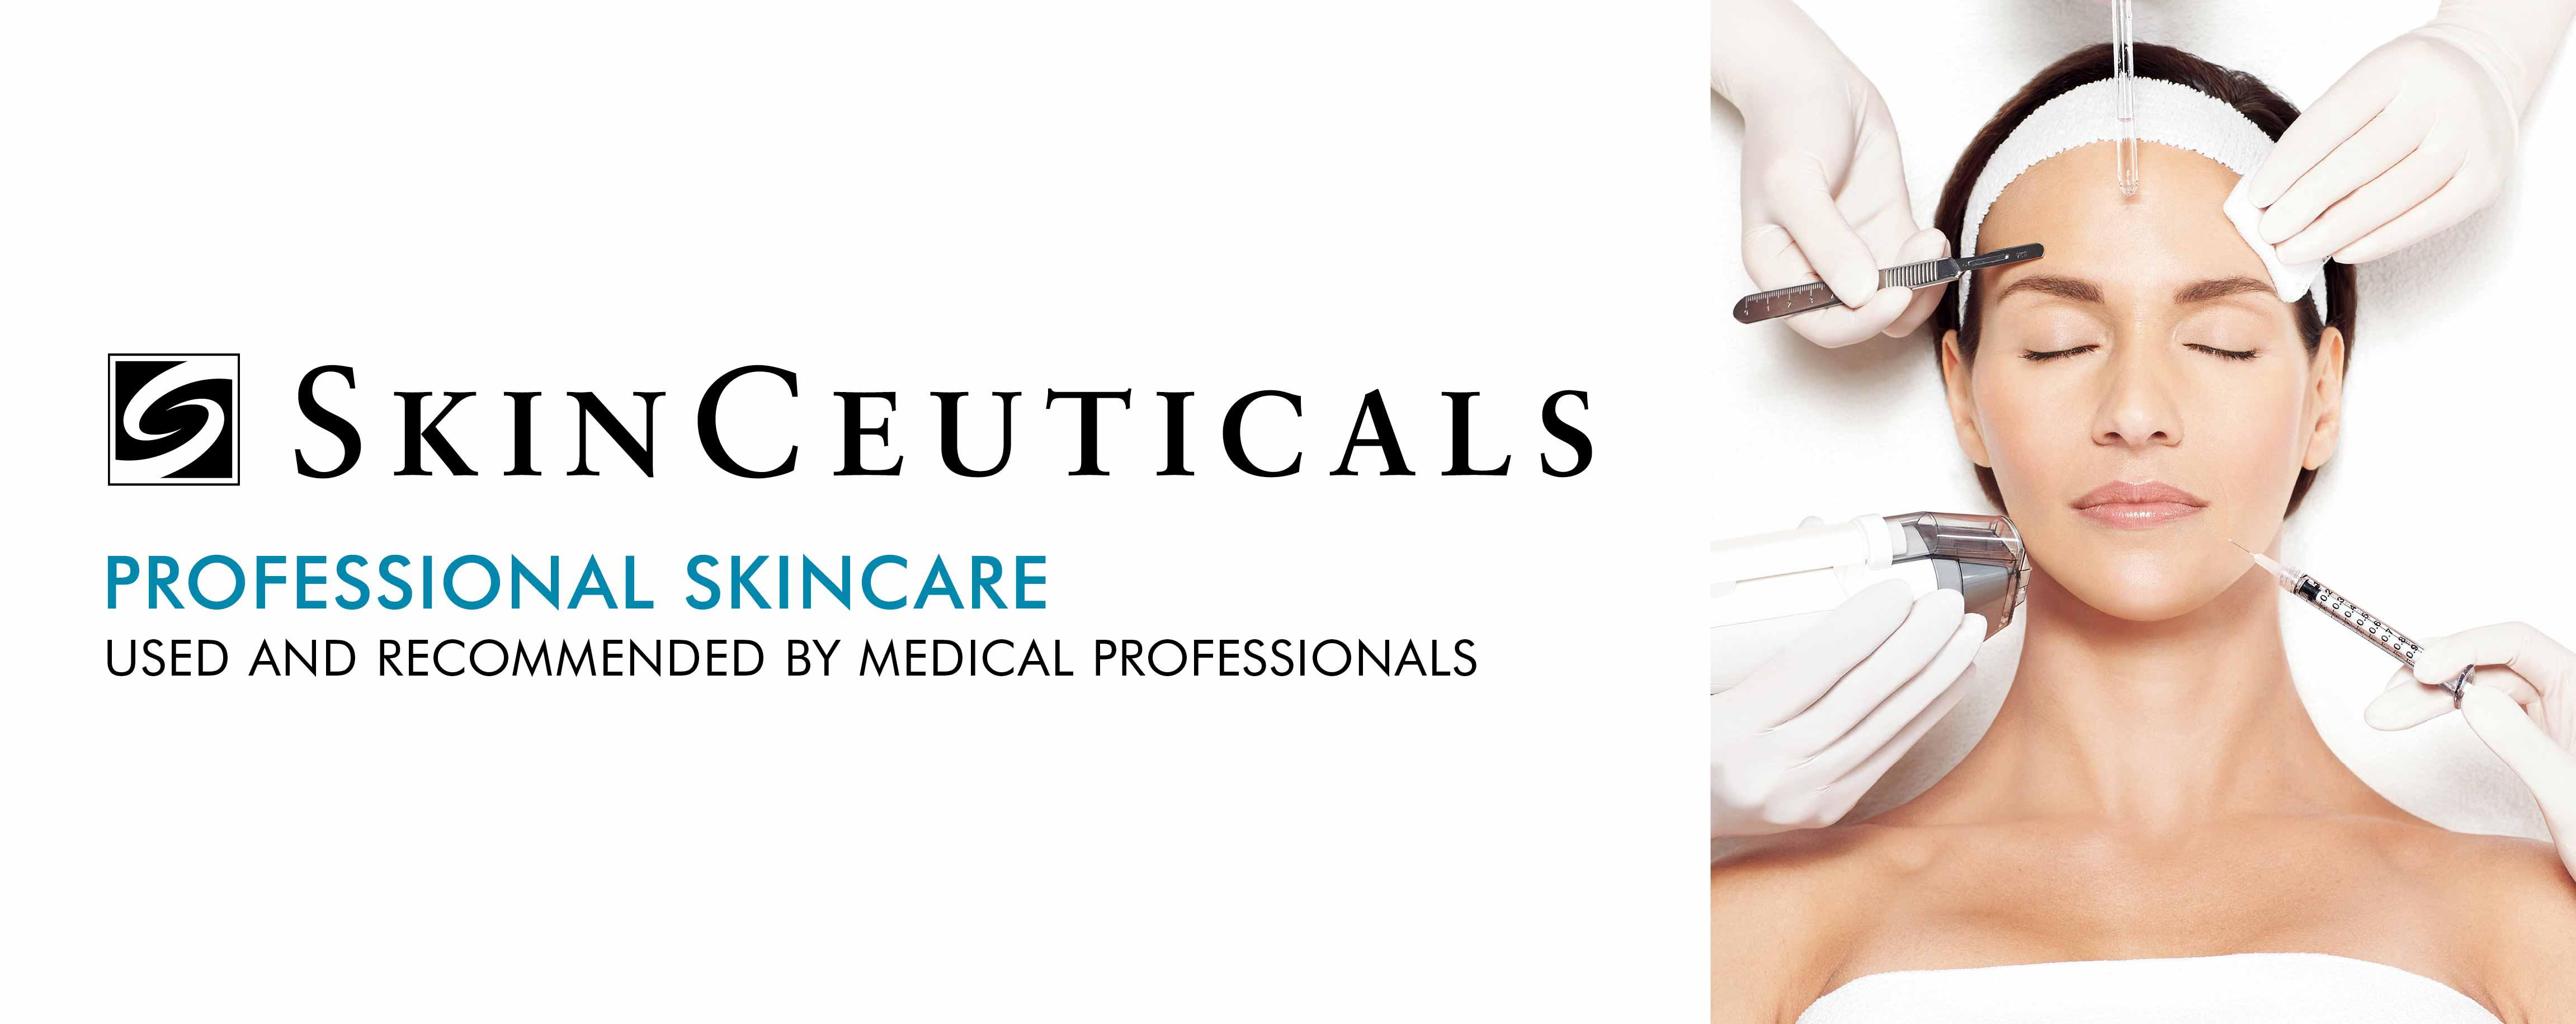 SkinCeuticals Professional Skincare